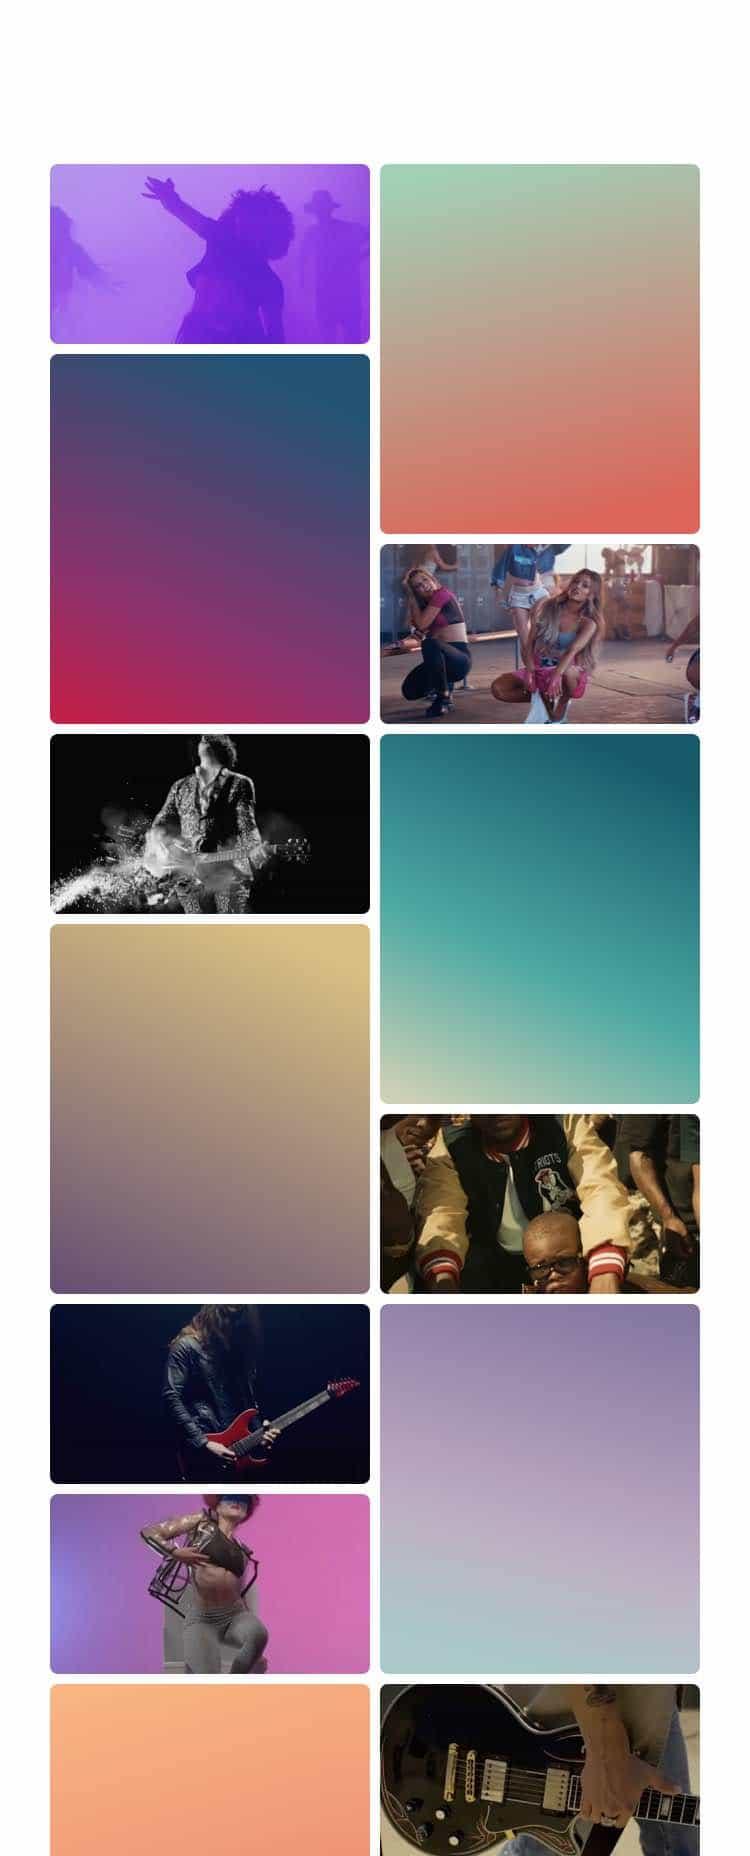 Loop Music Images